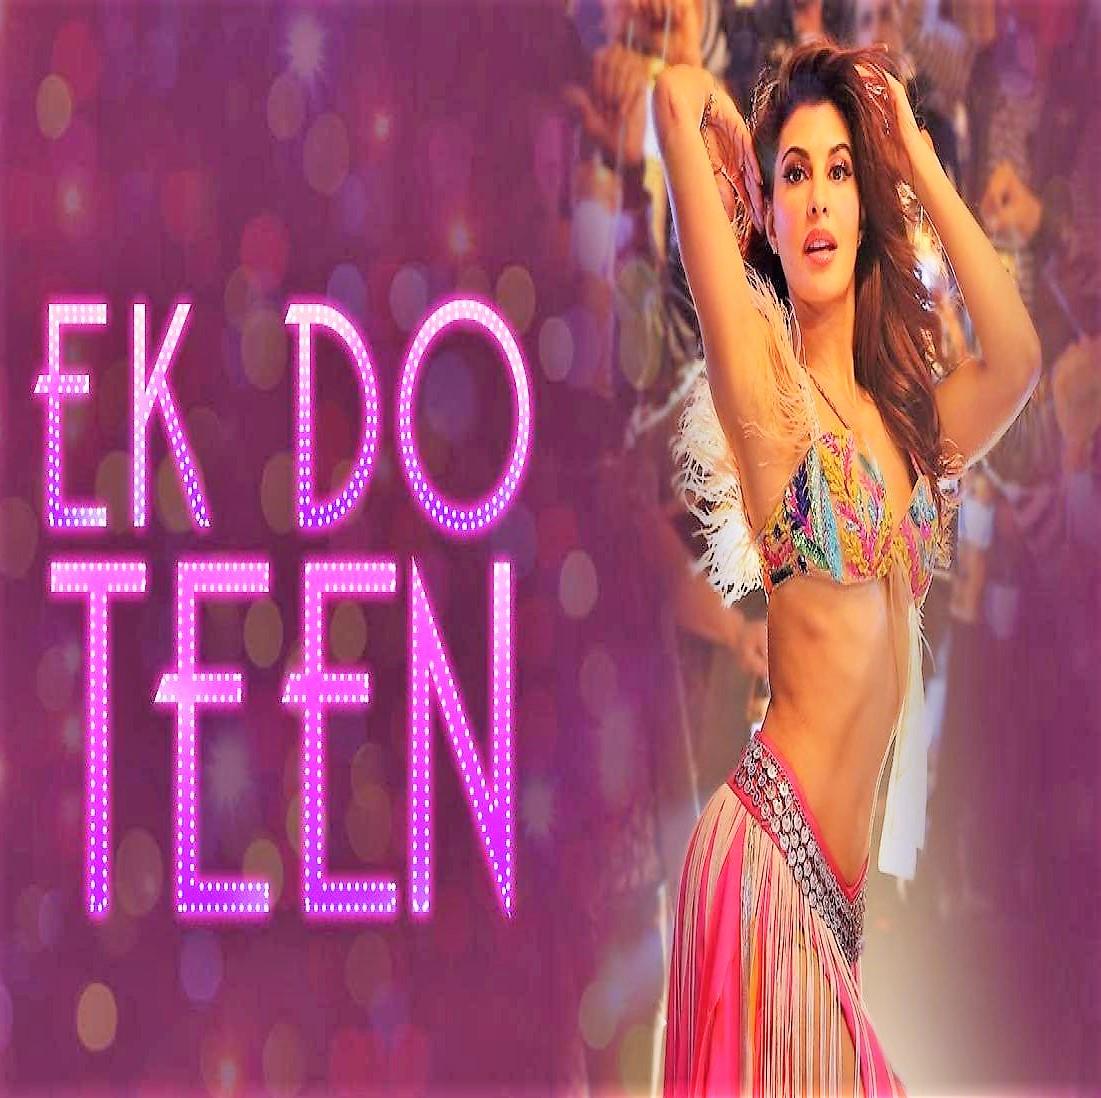 Ek Do Teen Song Baaghi 2 Download Pagalworld: EK DO TEEN Song Ka Lyrics From Movie Baaghi 2 (2018